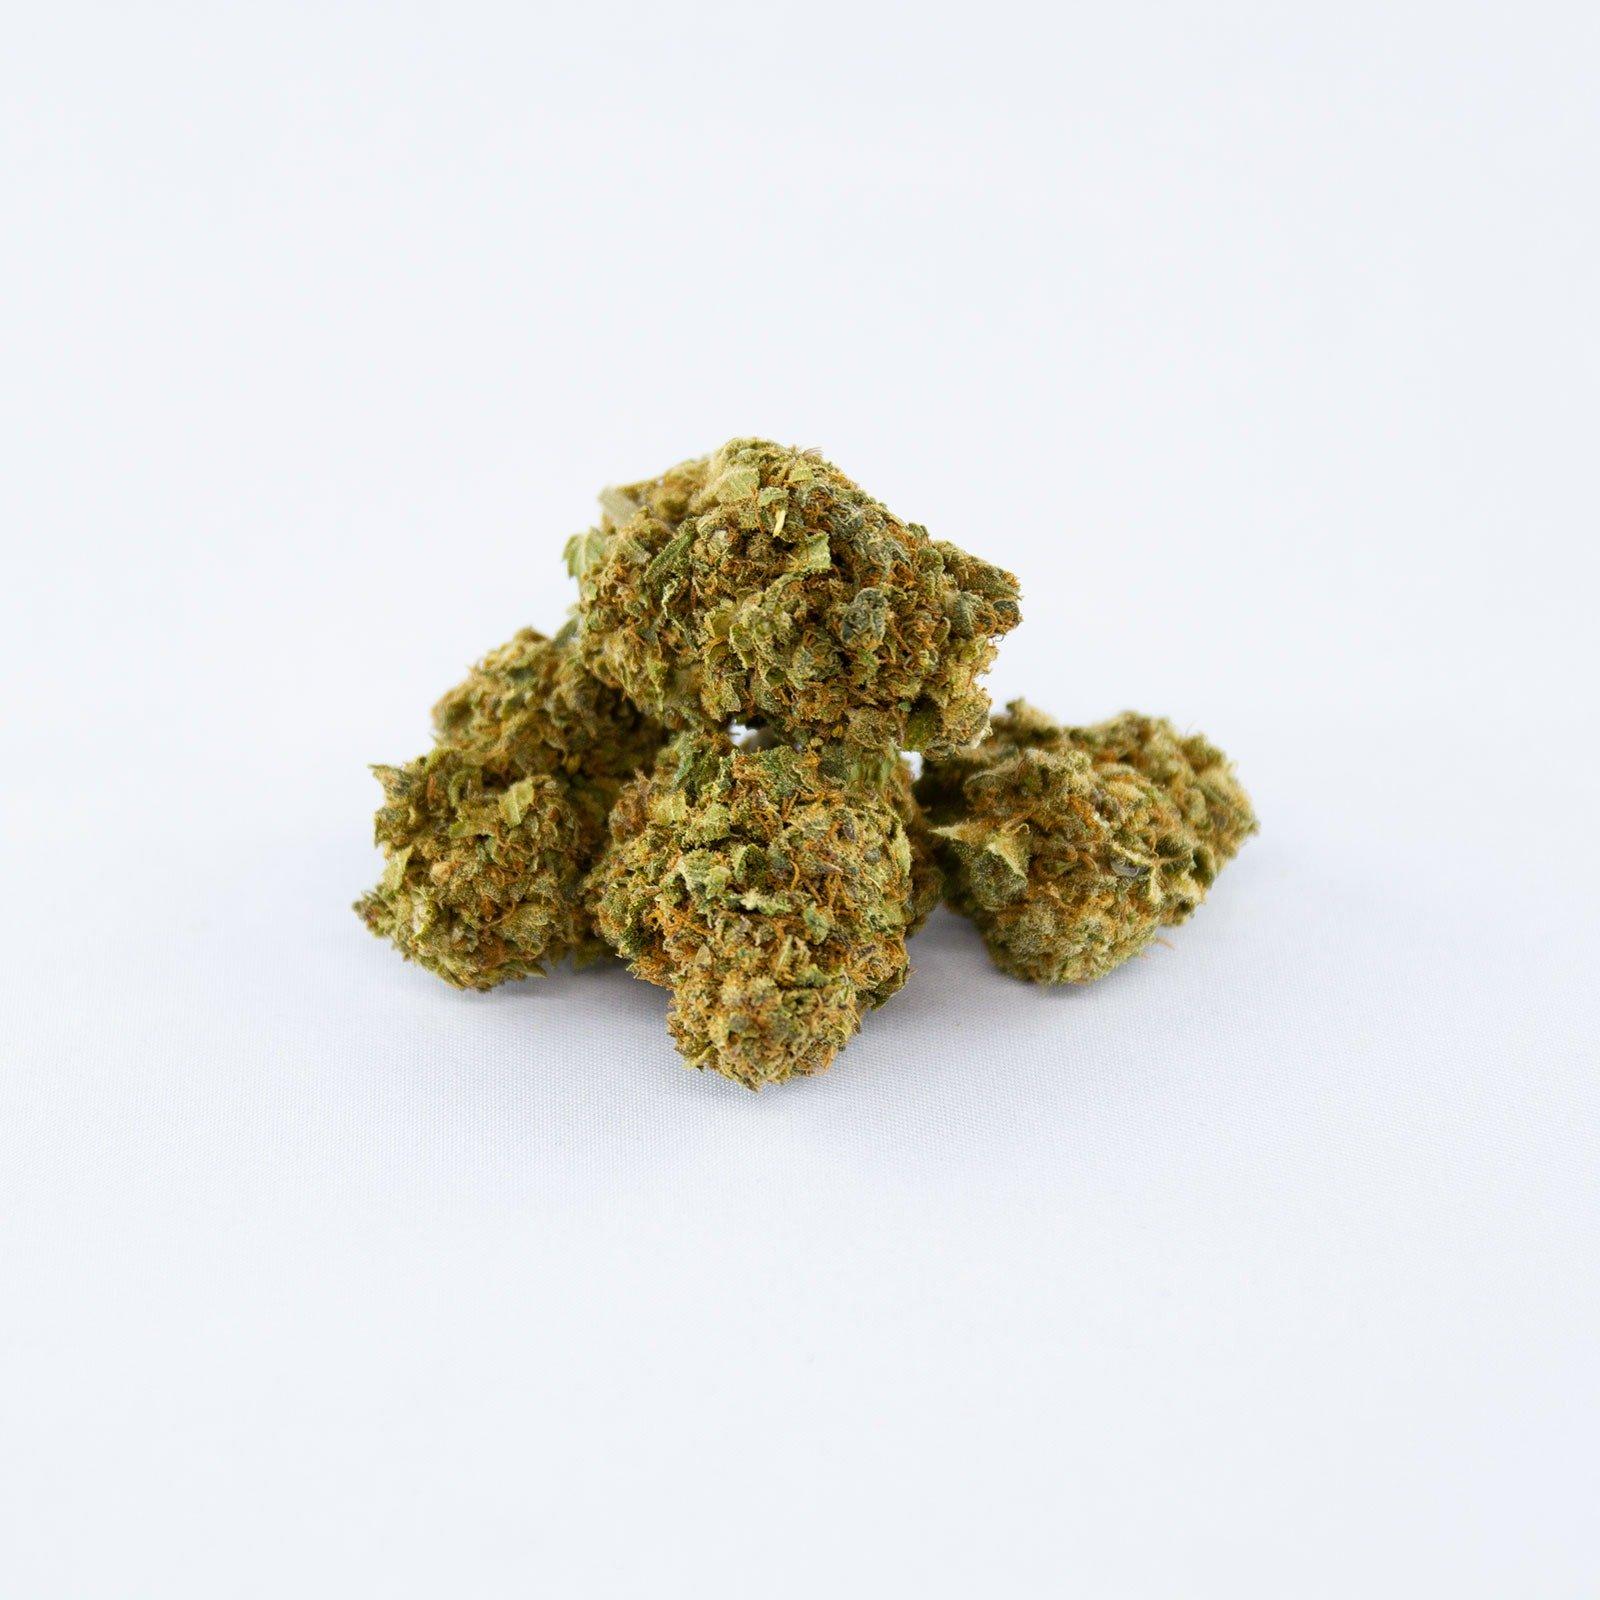 Image de variété INDOOR STRAWBERRY / FRAISE Fleurs de Cannabis CBD 100% légal